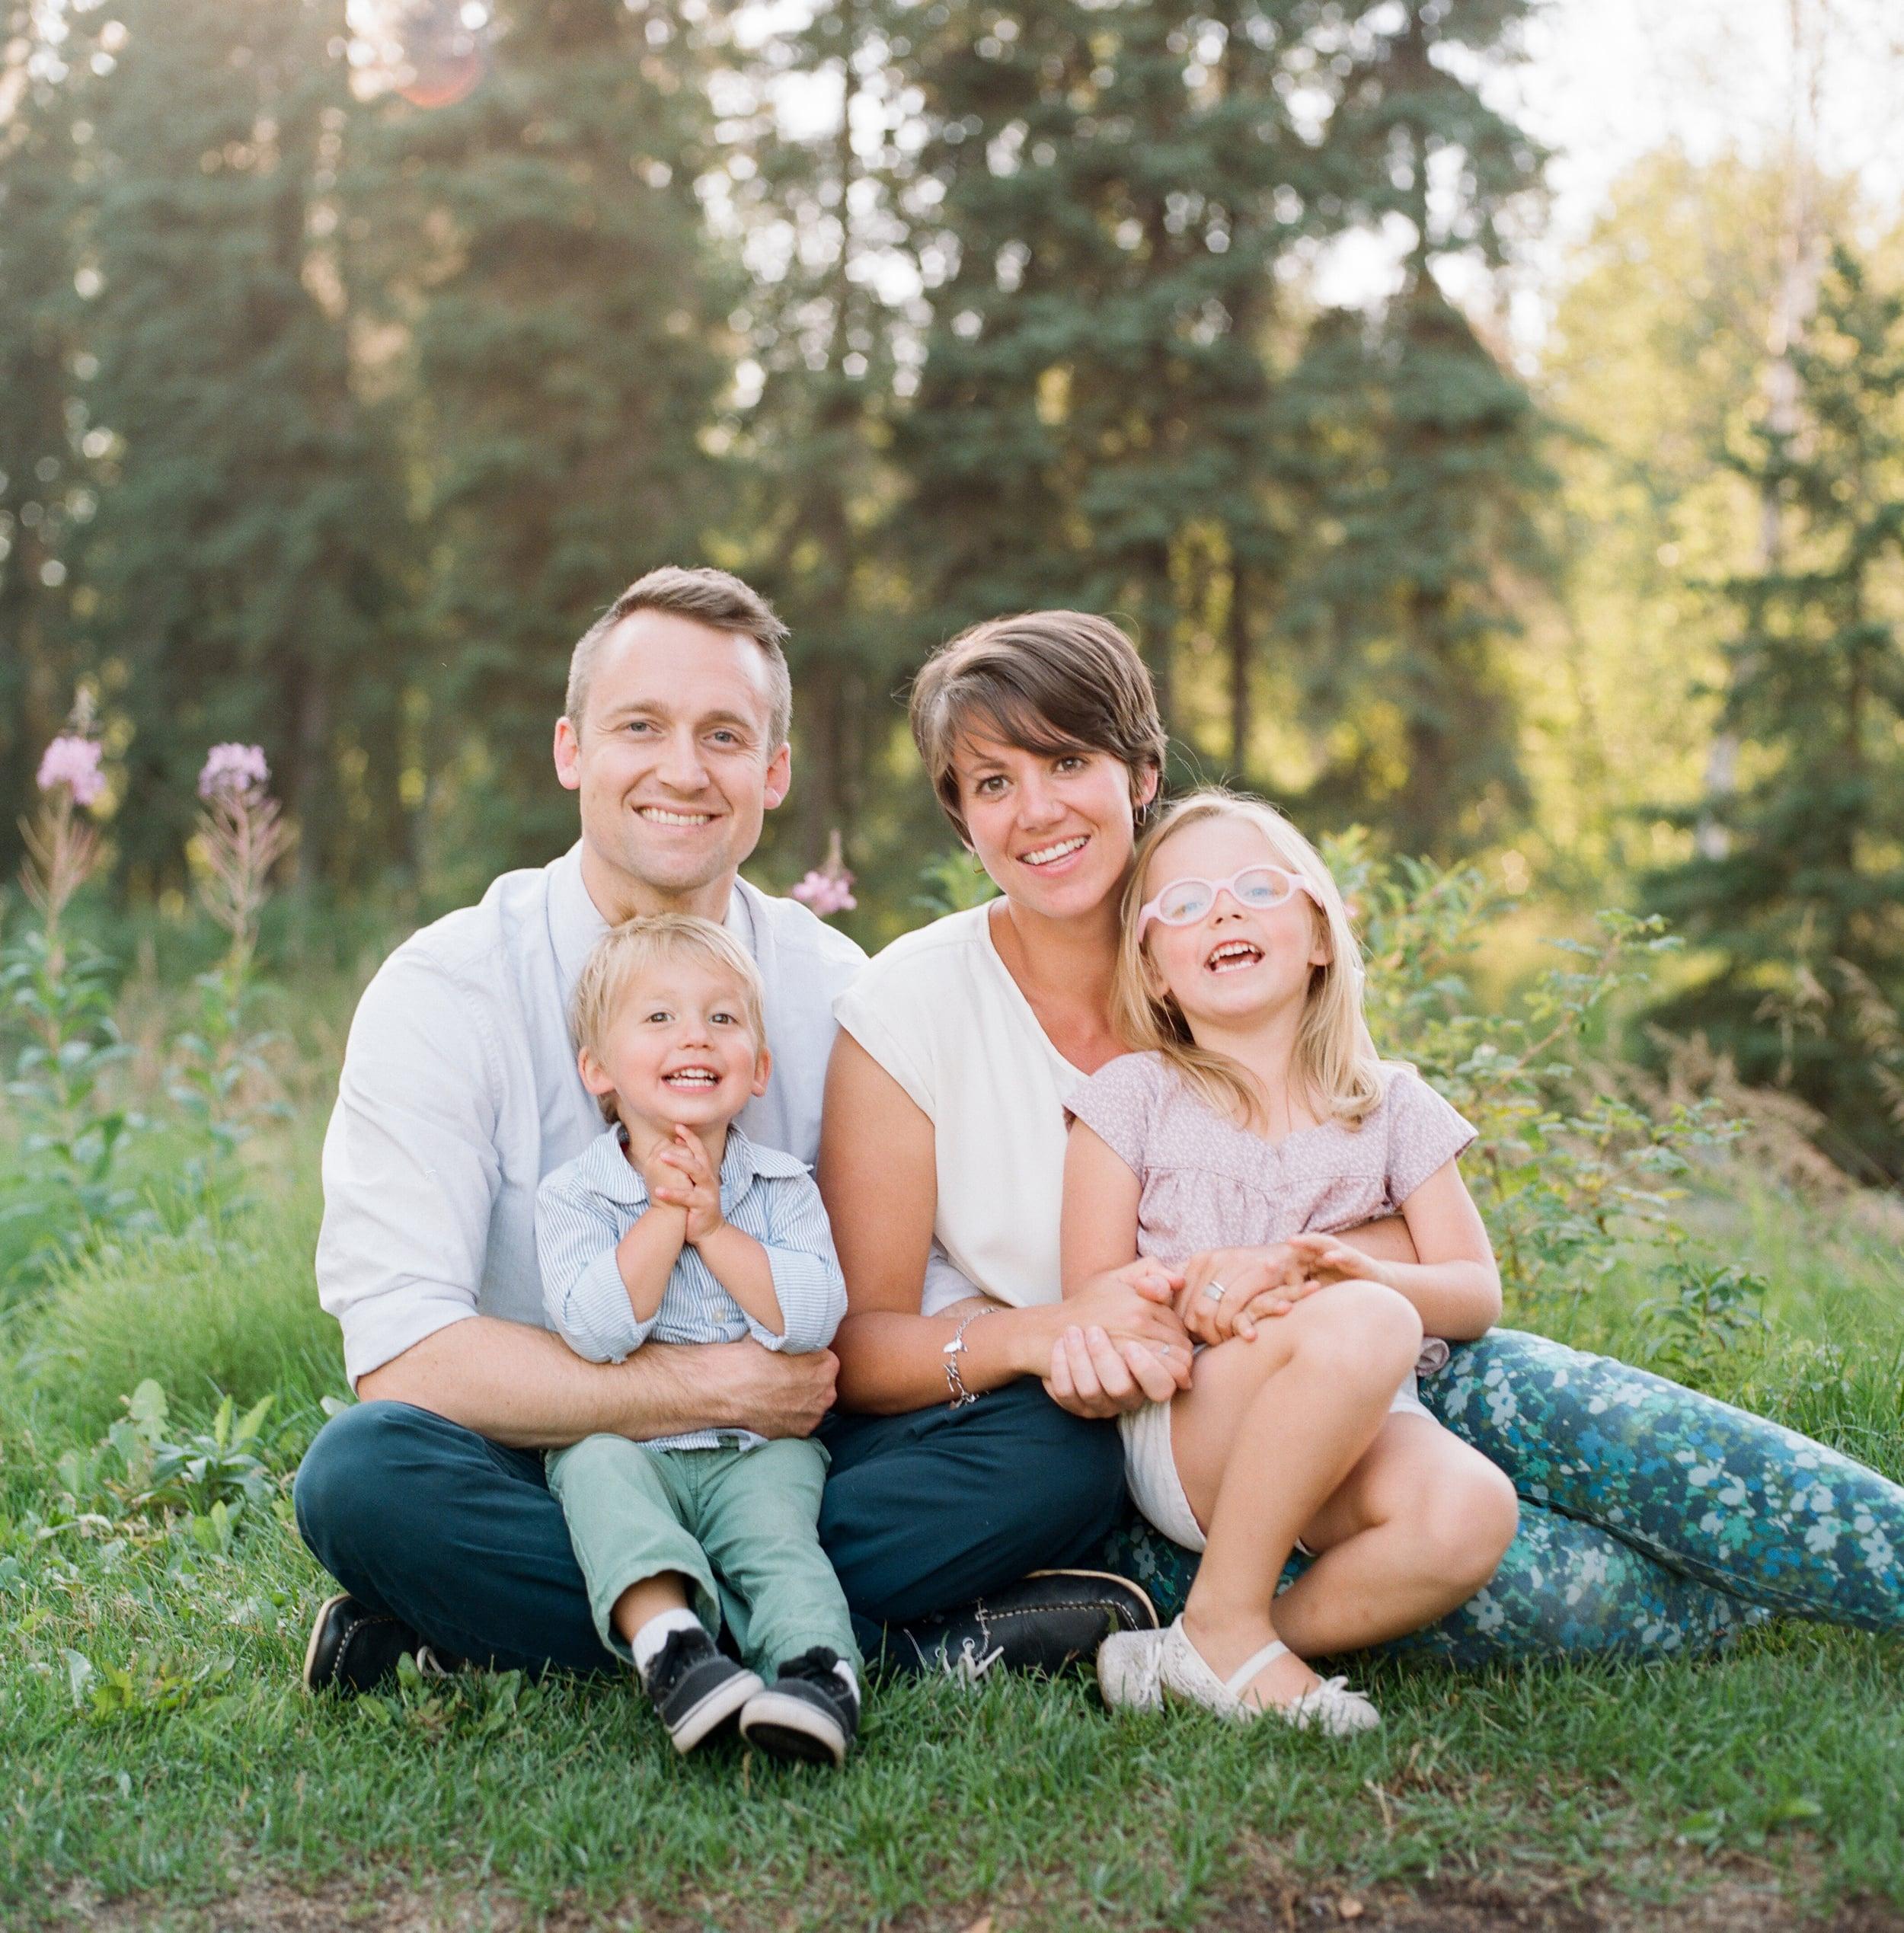 akp_johnson_family-3.jpg